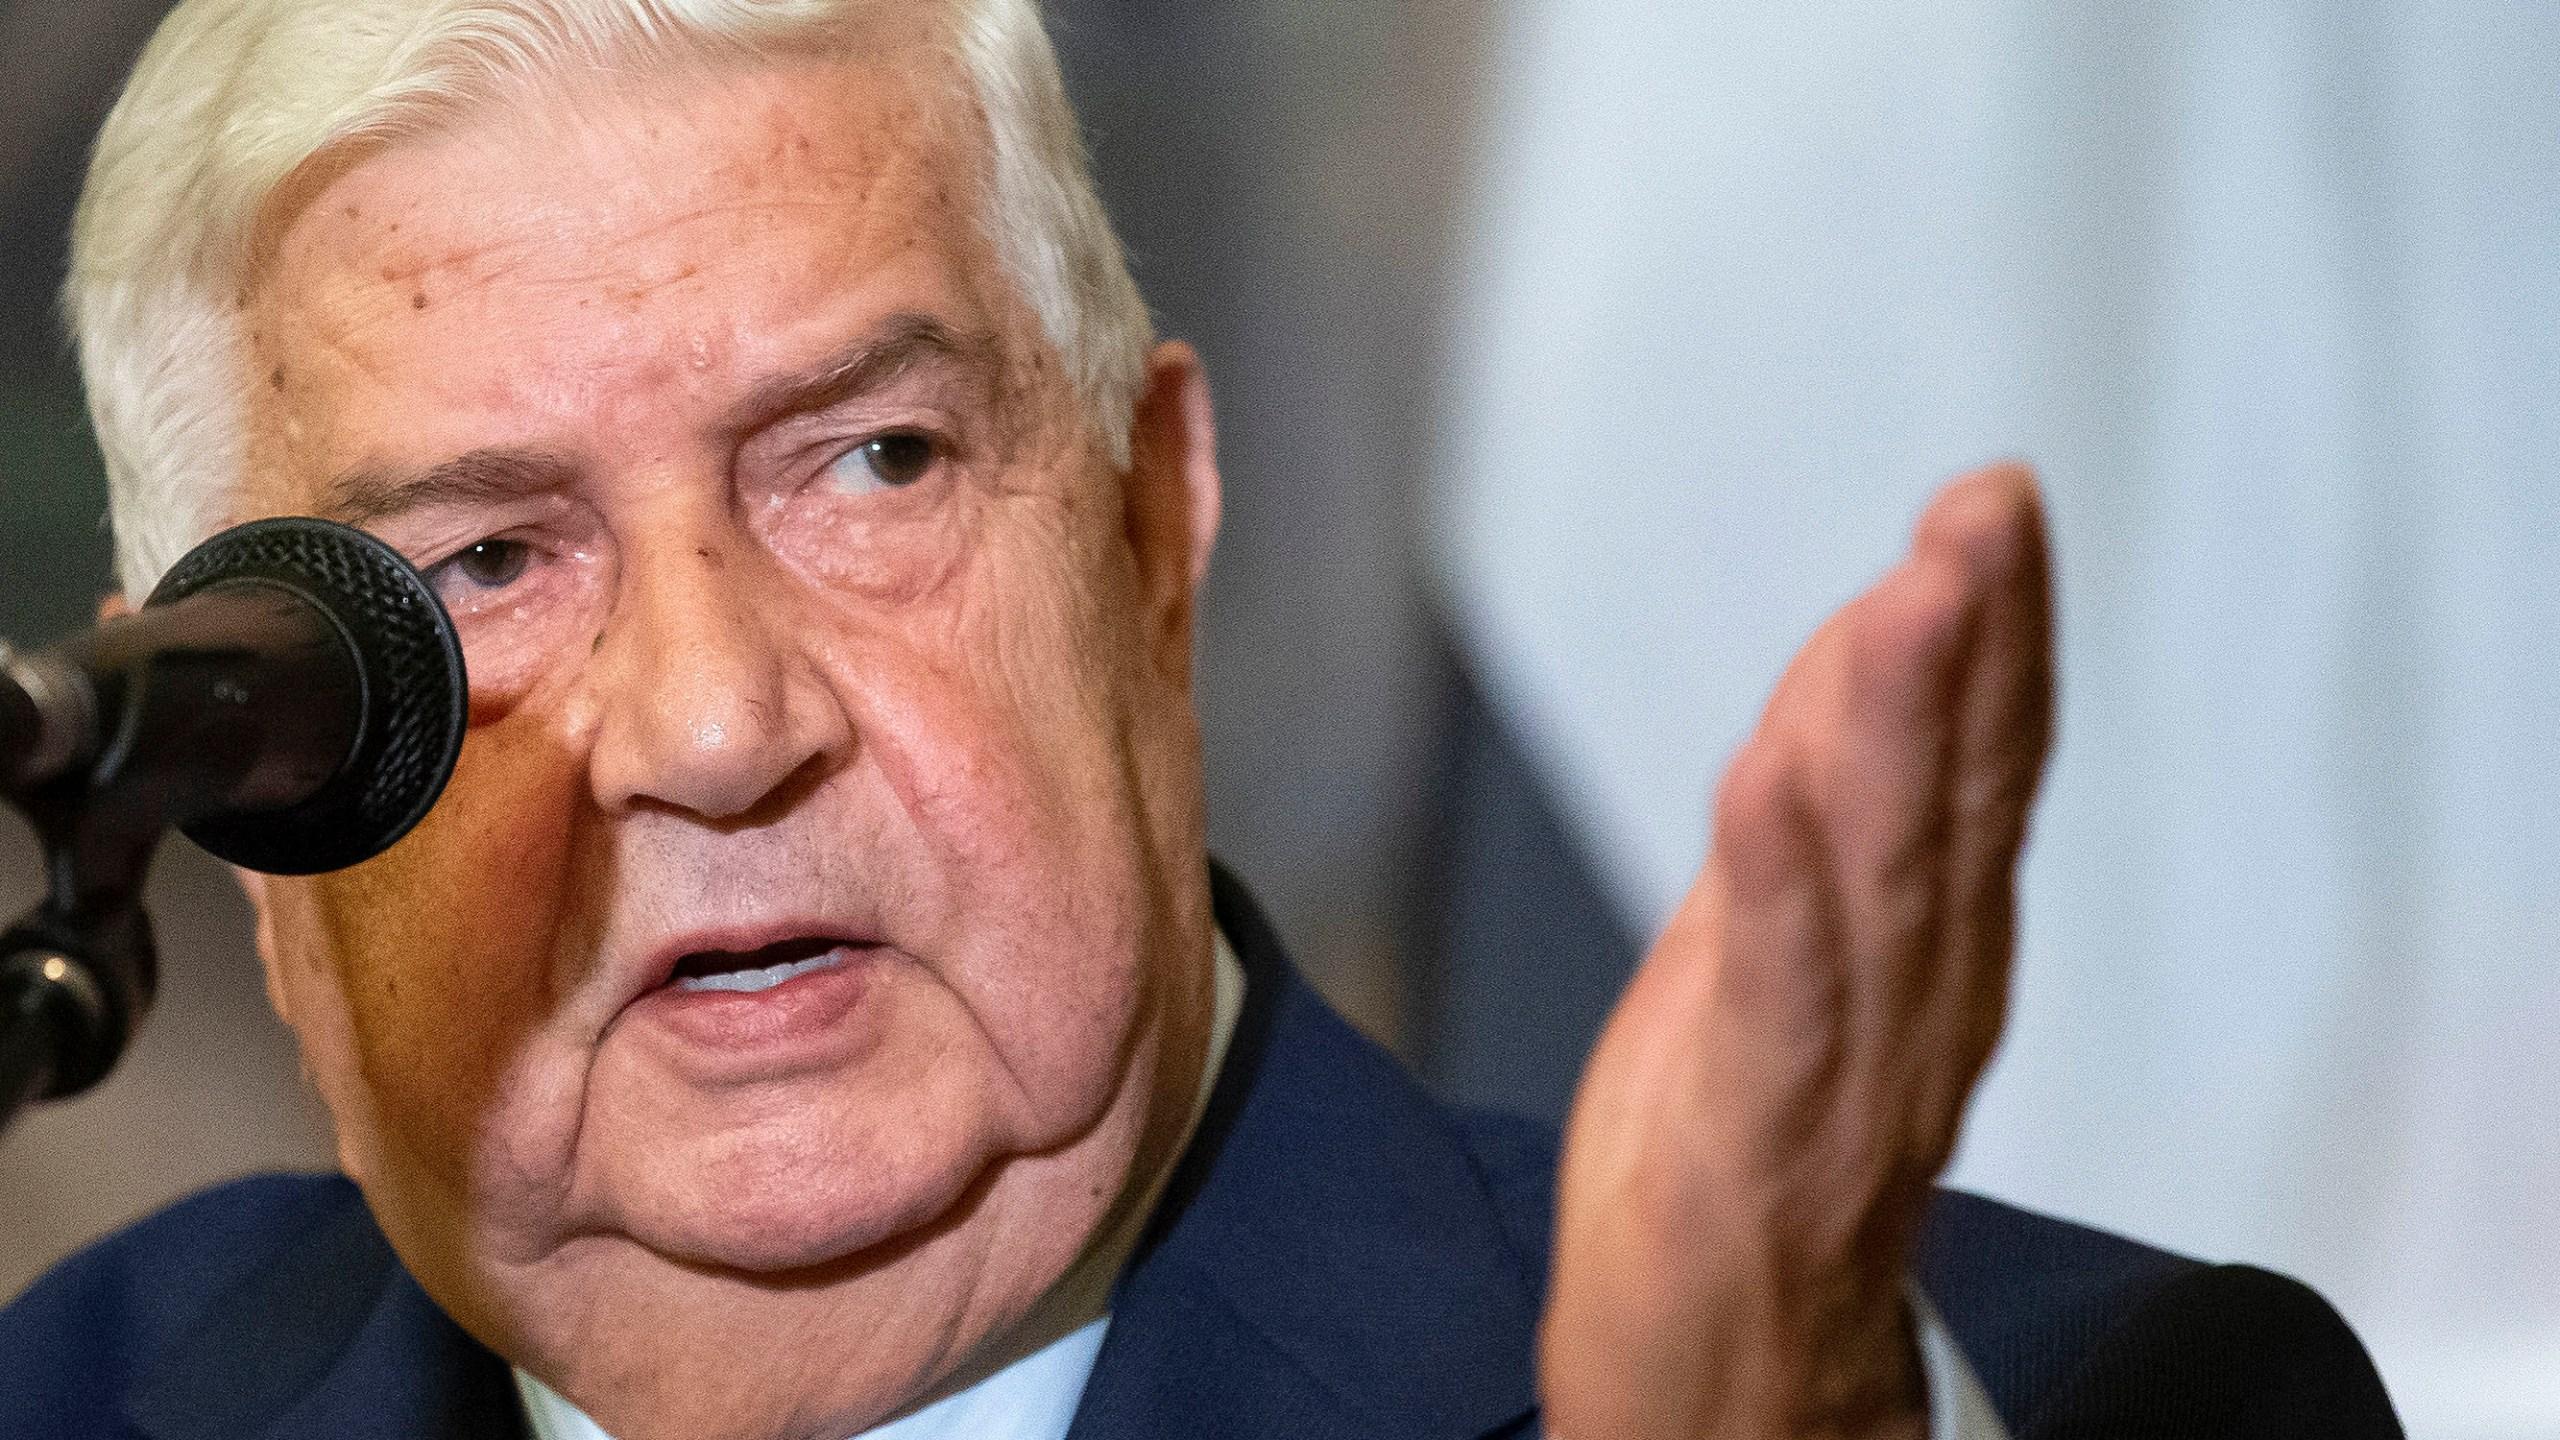 Walid al-Moallem